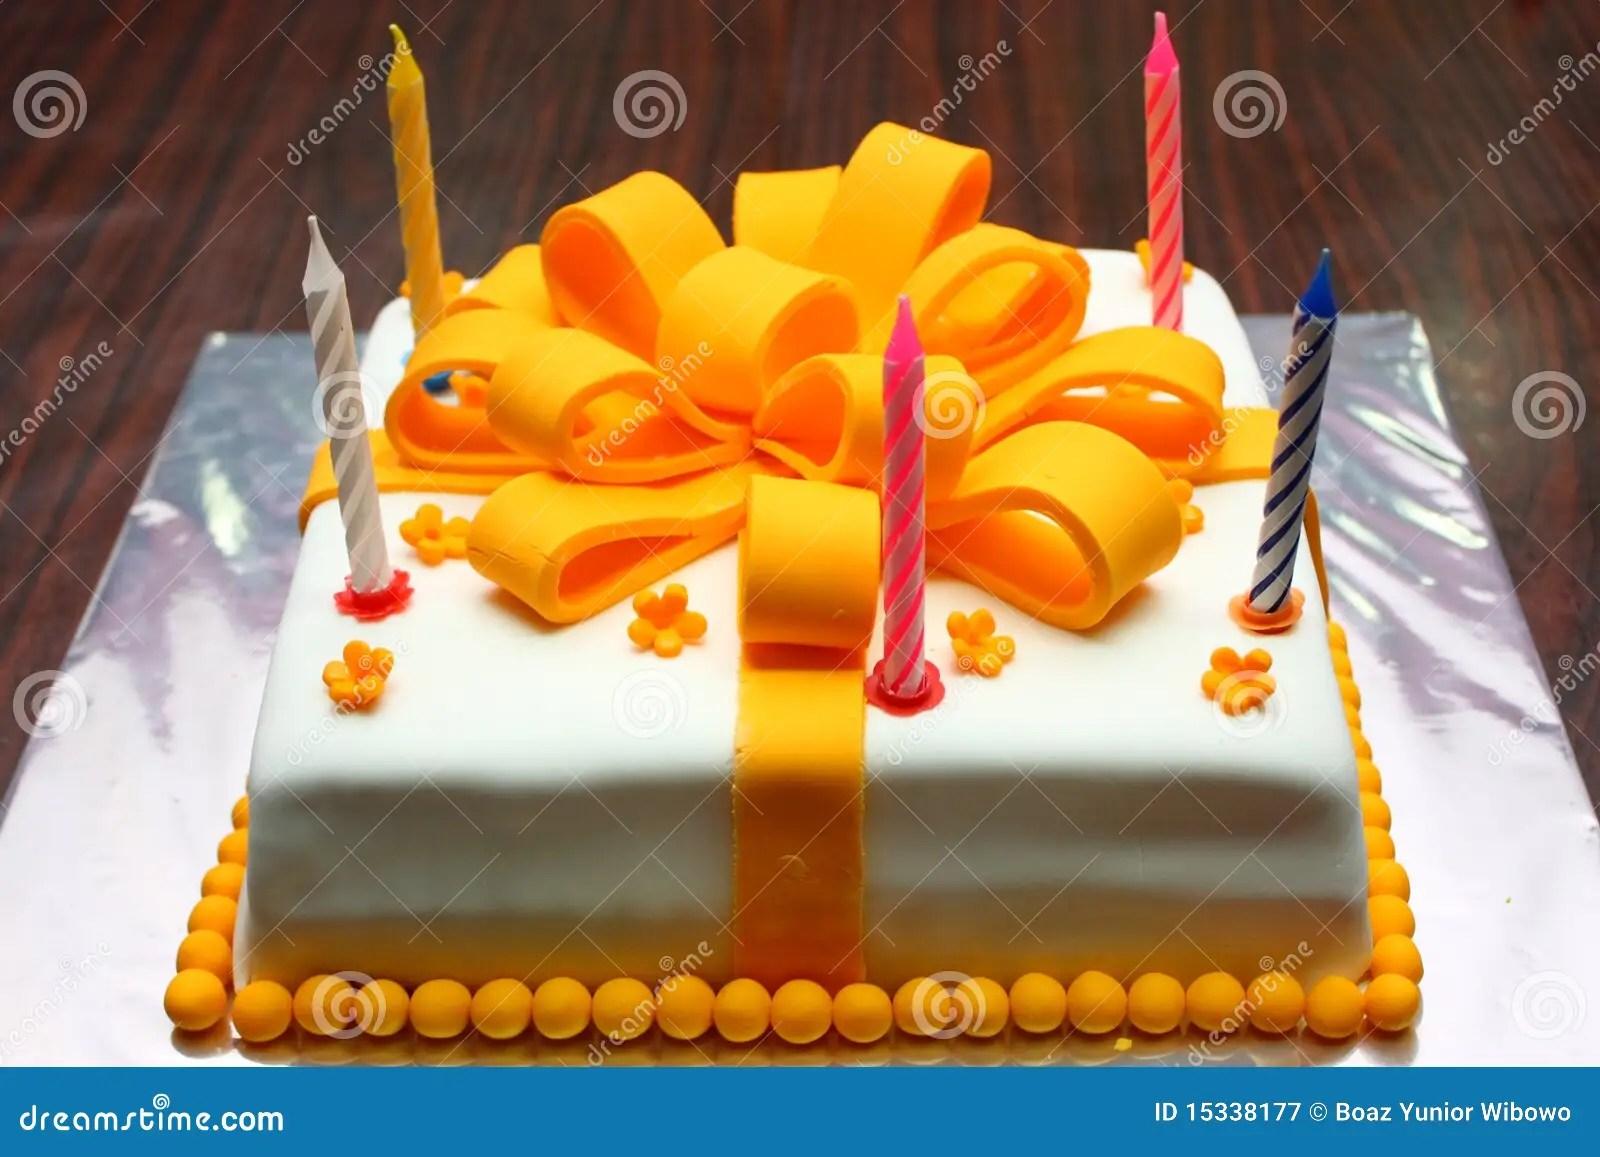 Kuchen Geburtstag Kuchen Geburtstag Bewundernswert Kuchen 3